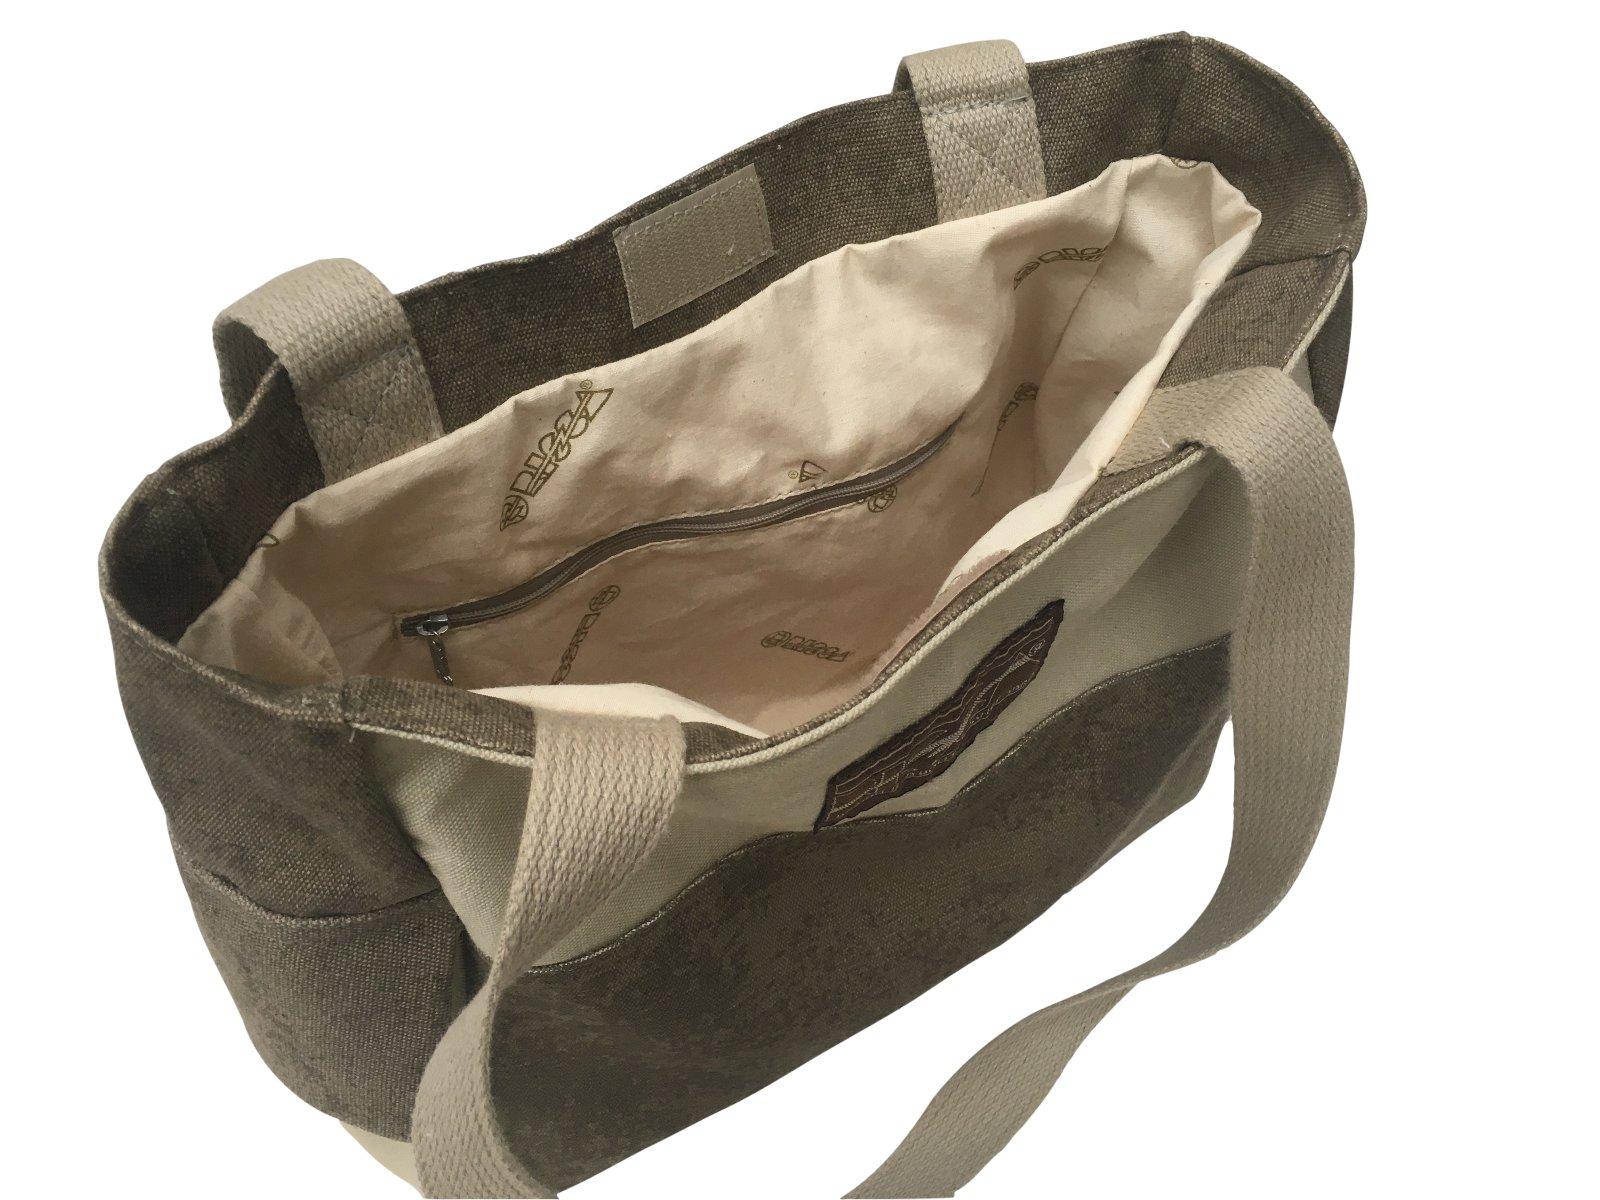 KIT 2 Bolsas Feminina RISCA 6702 em Lona Algodão - 1 Caqui e 1 Verde